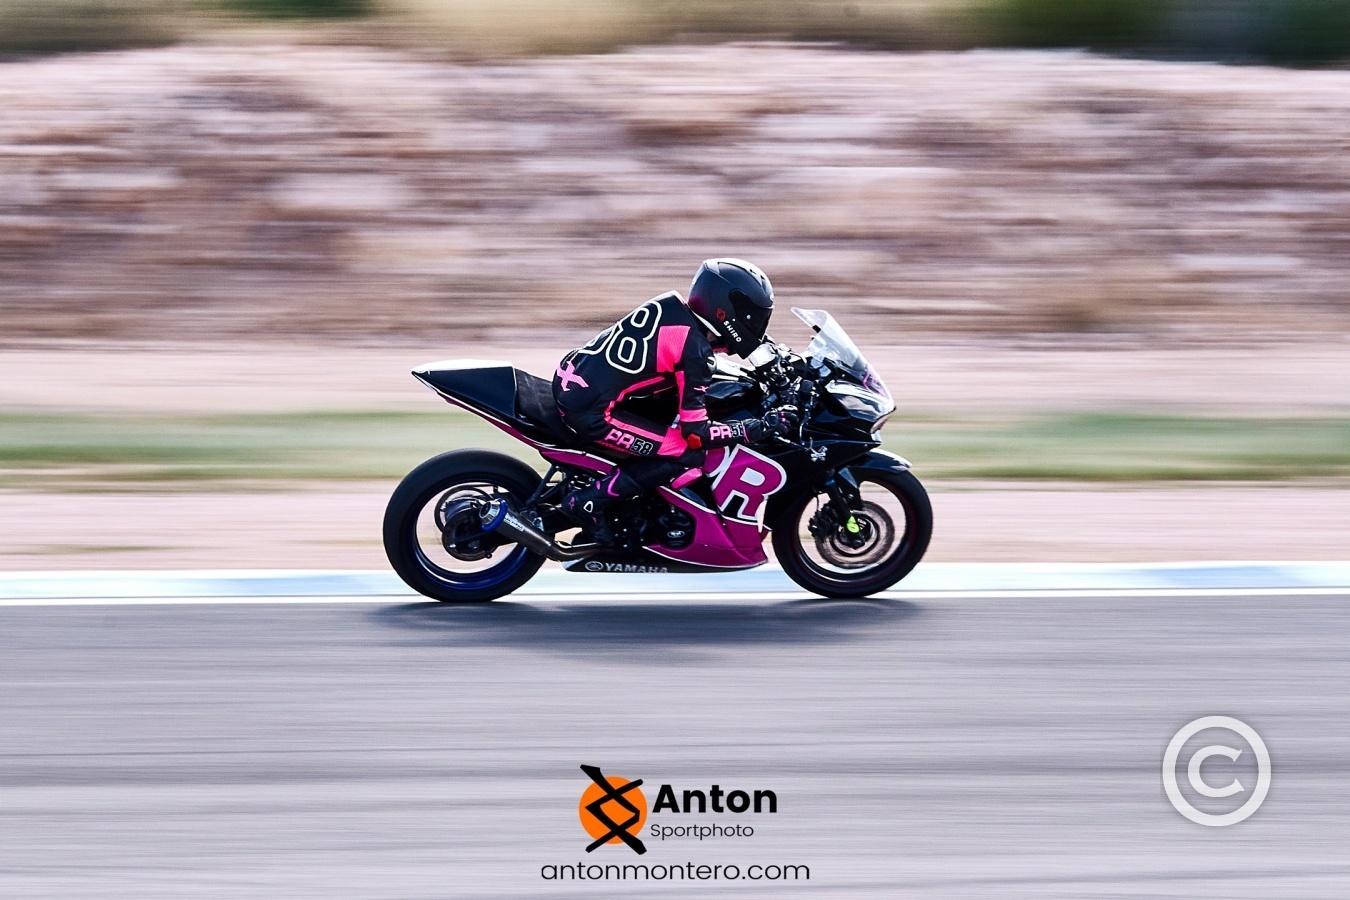 SPORT - Anton Montero Photography